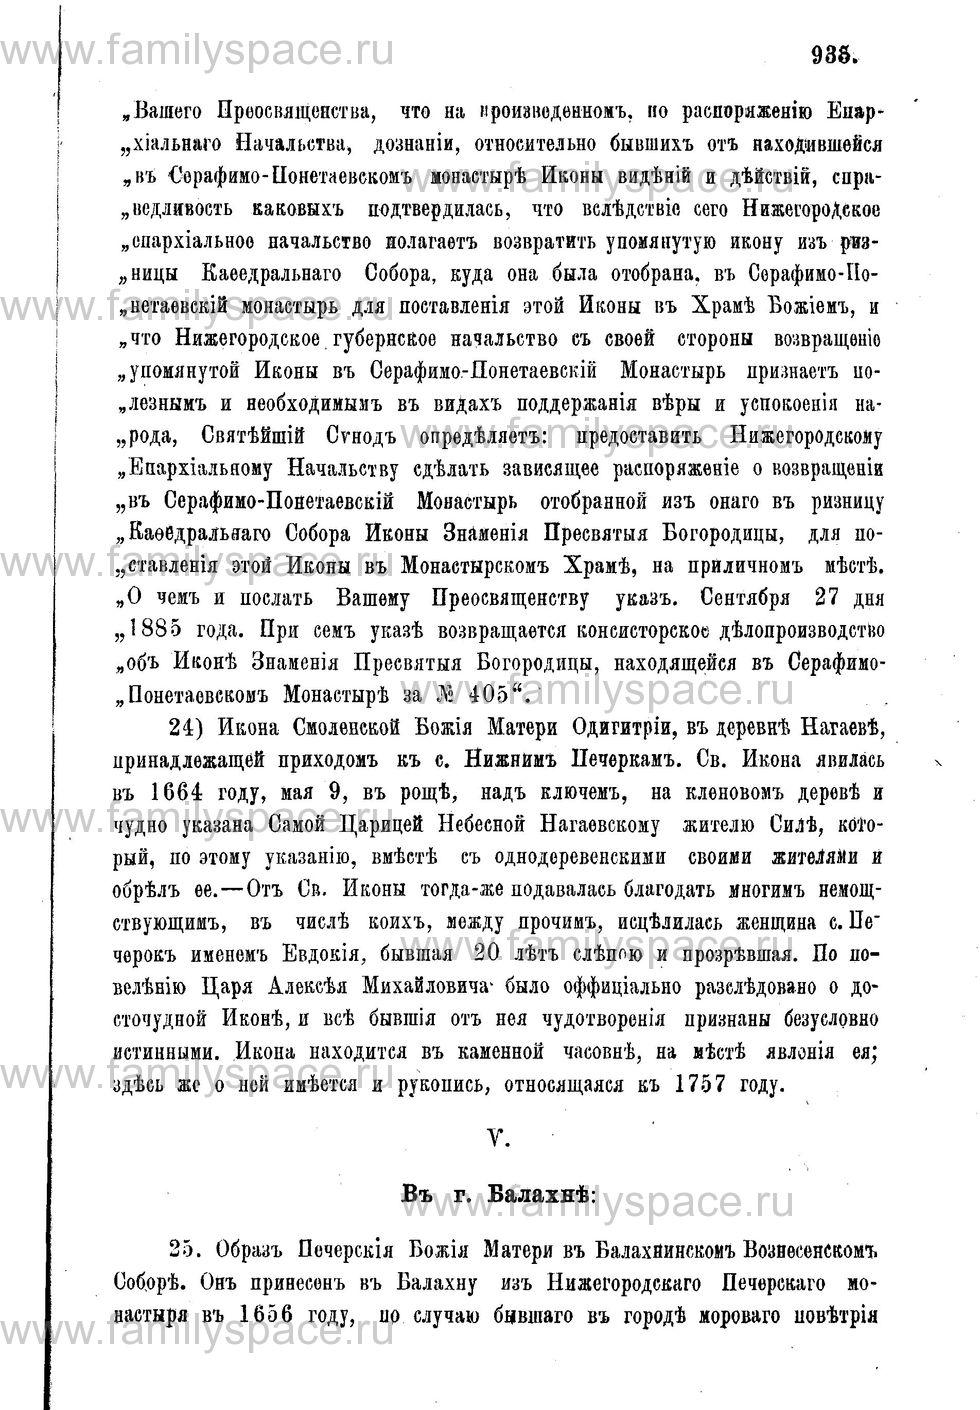 Поиск по фамилии - Адрес-календарь Нижегородской епархии на 1888 год, страница 1935